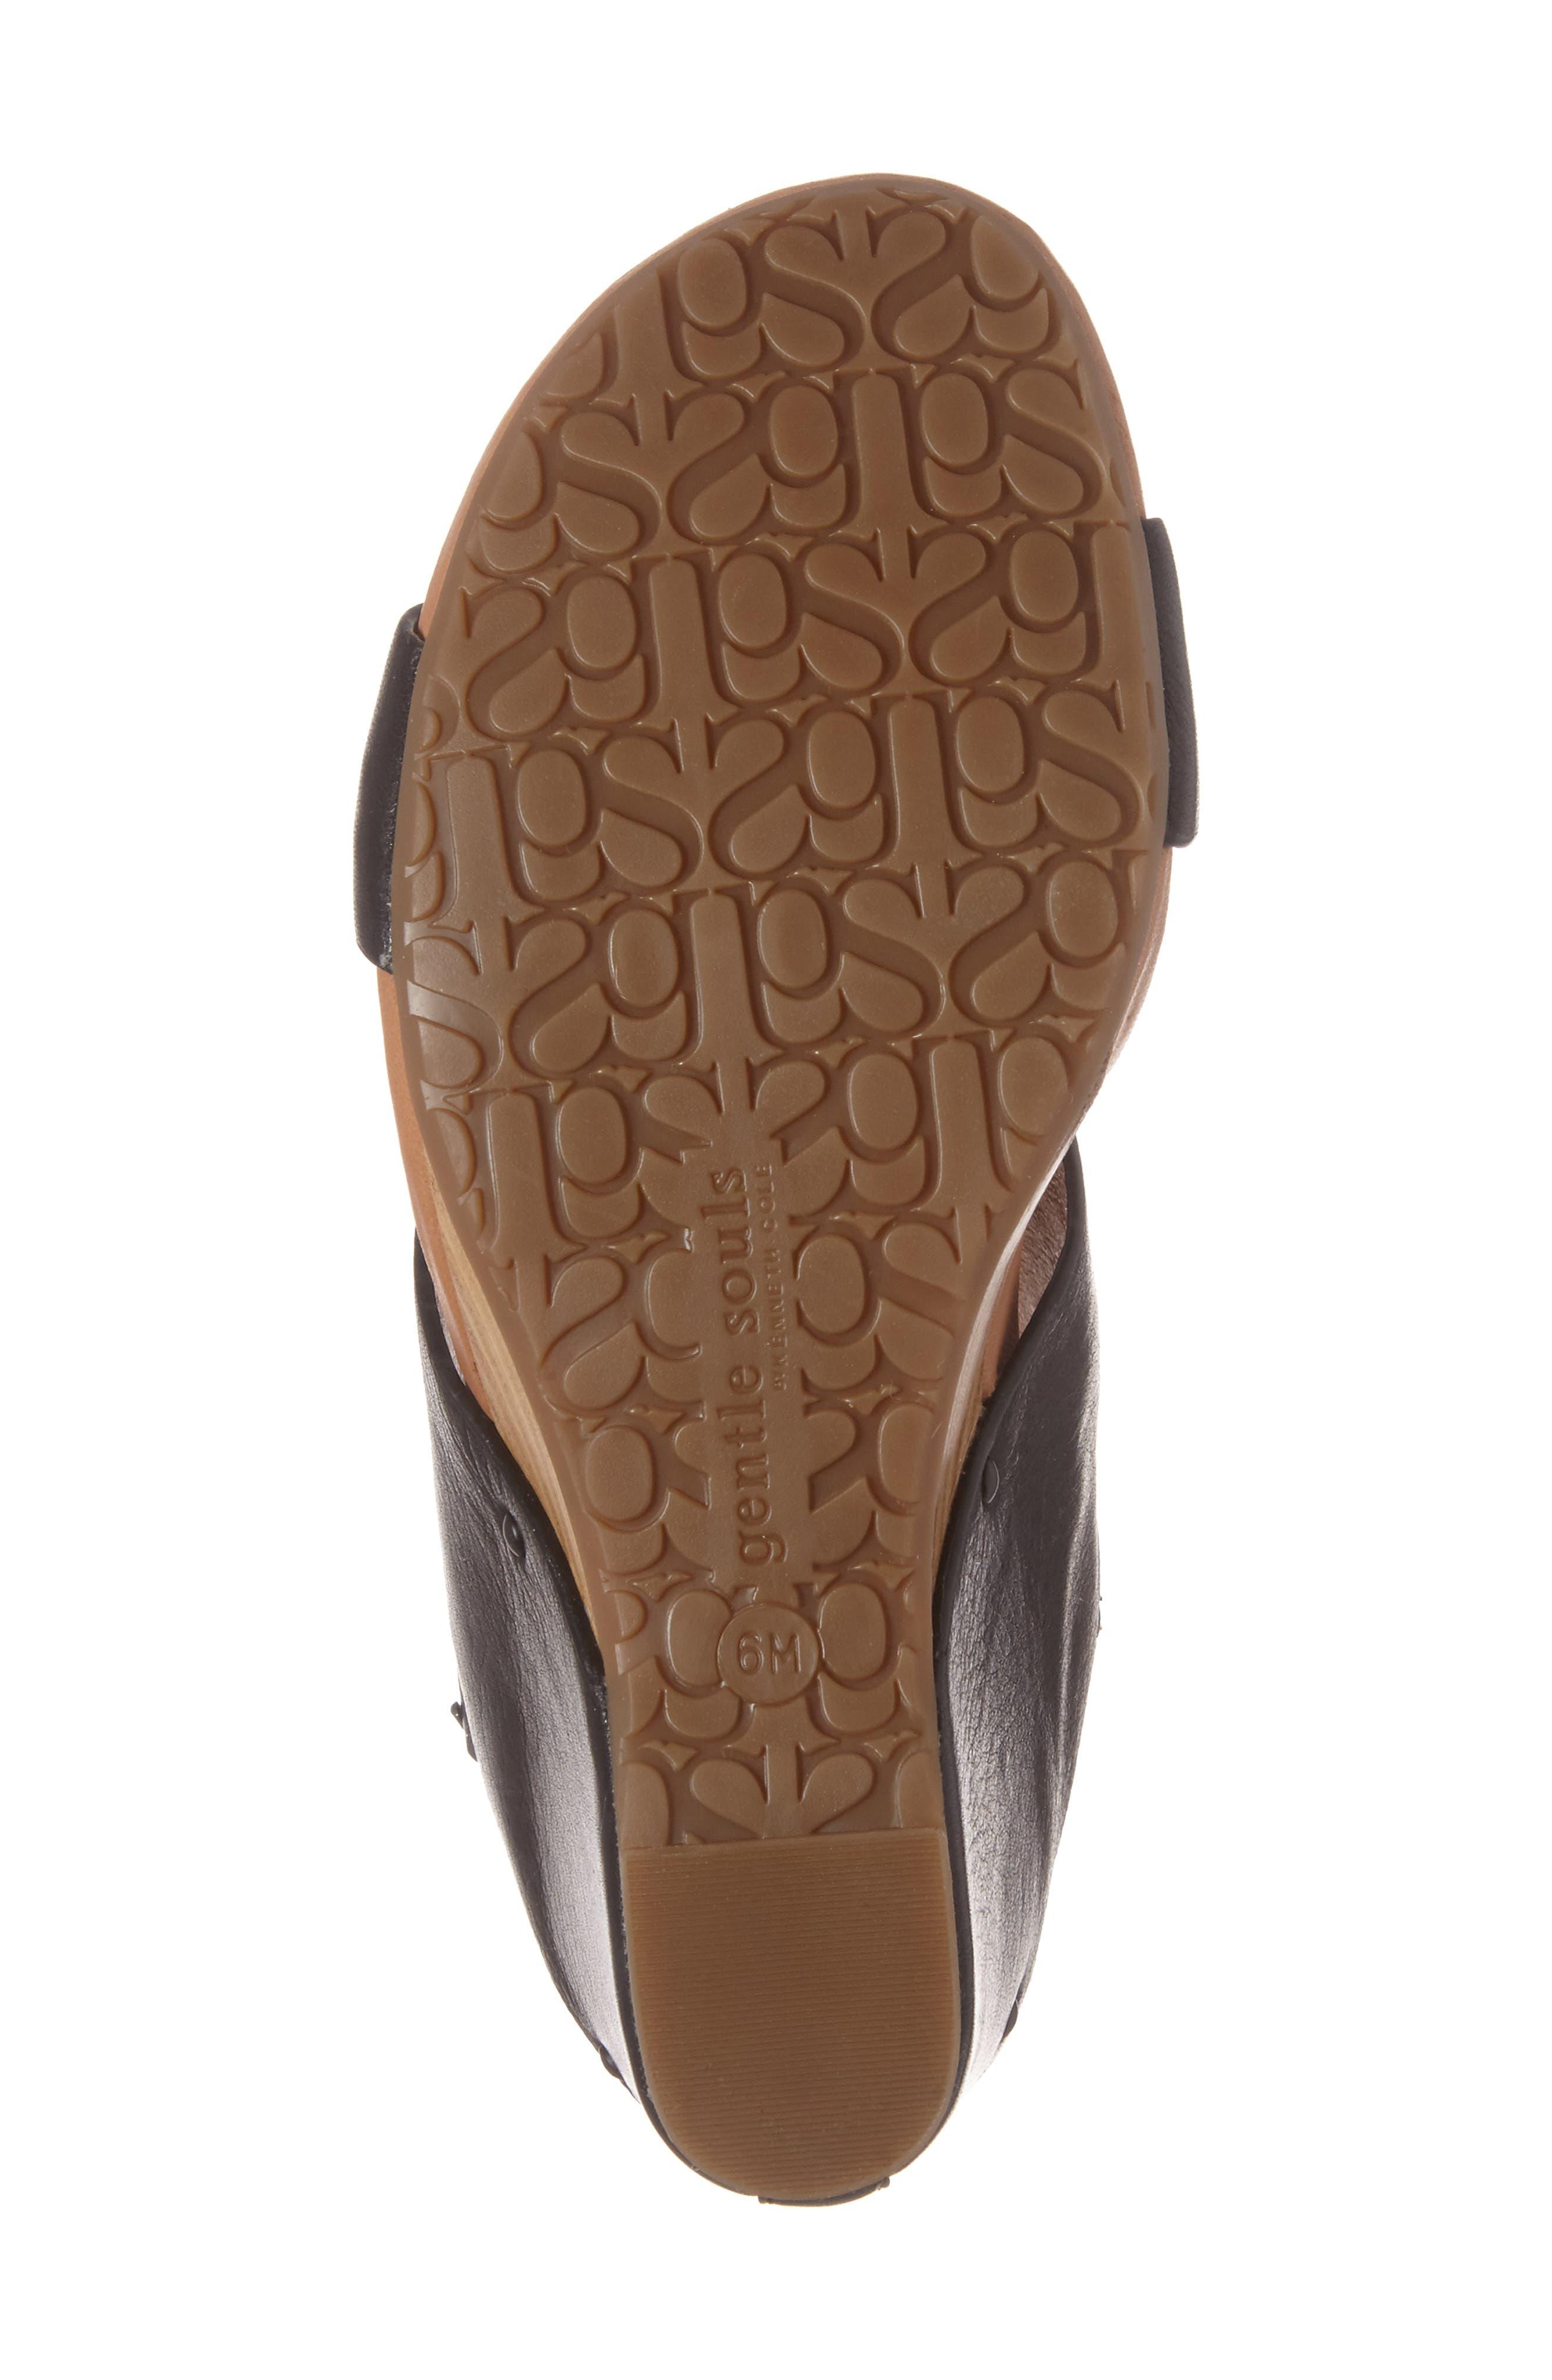 Inka Wedge Sandal,                             Alternate thumbnail 6, color,                             001